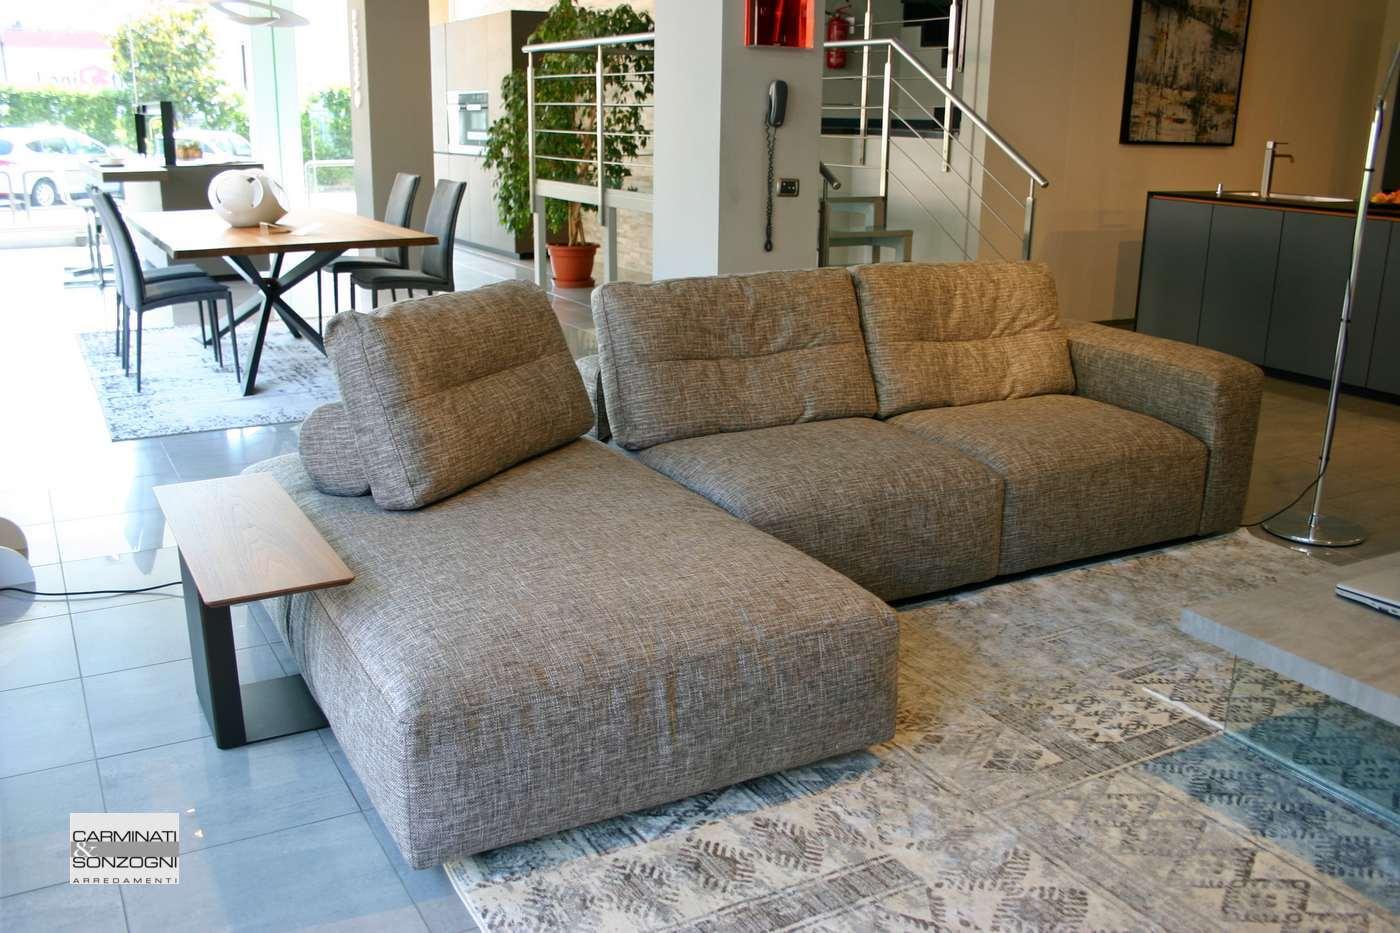 Rinnovare Divano In Tessuto divani saba offerte outlet | carminati e sonzogni arredamenti